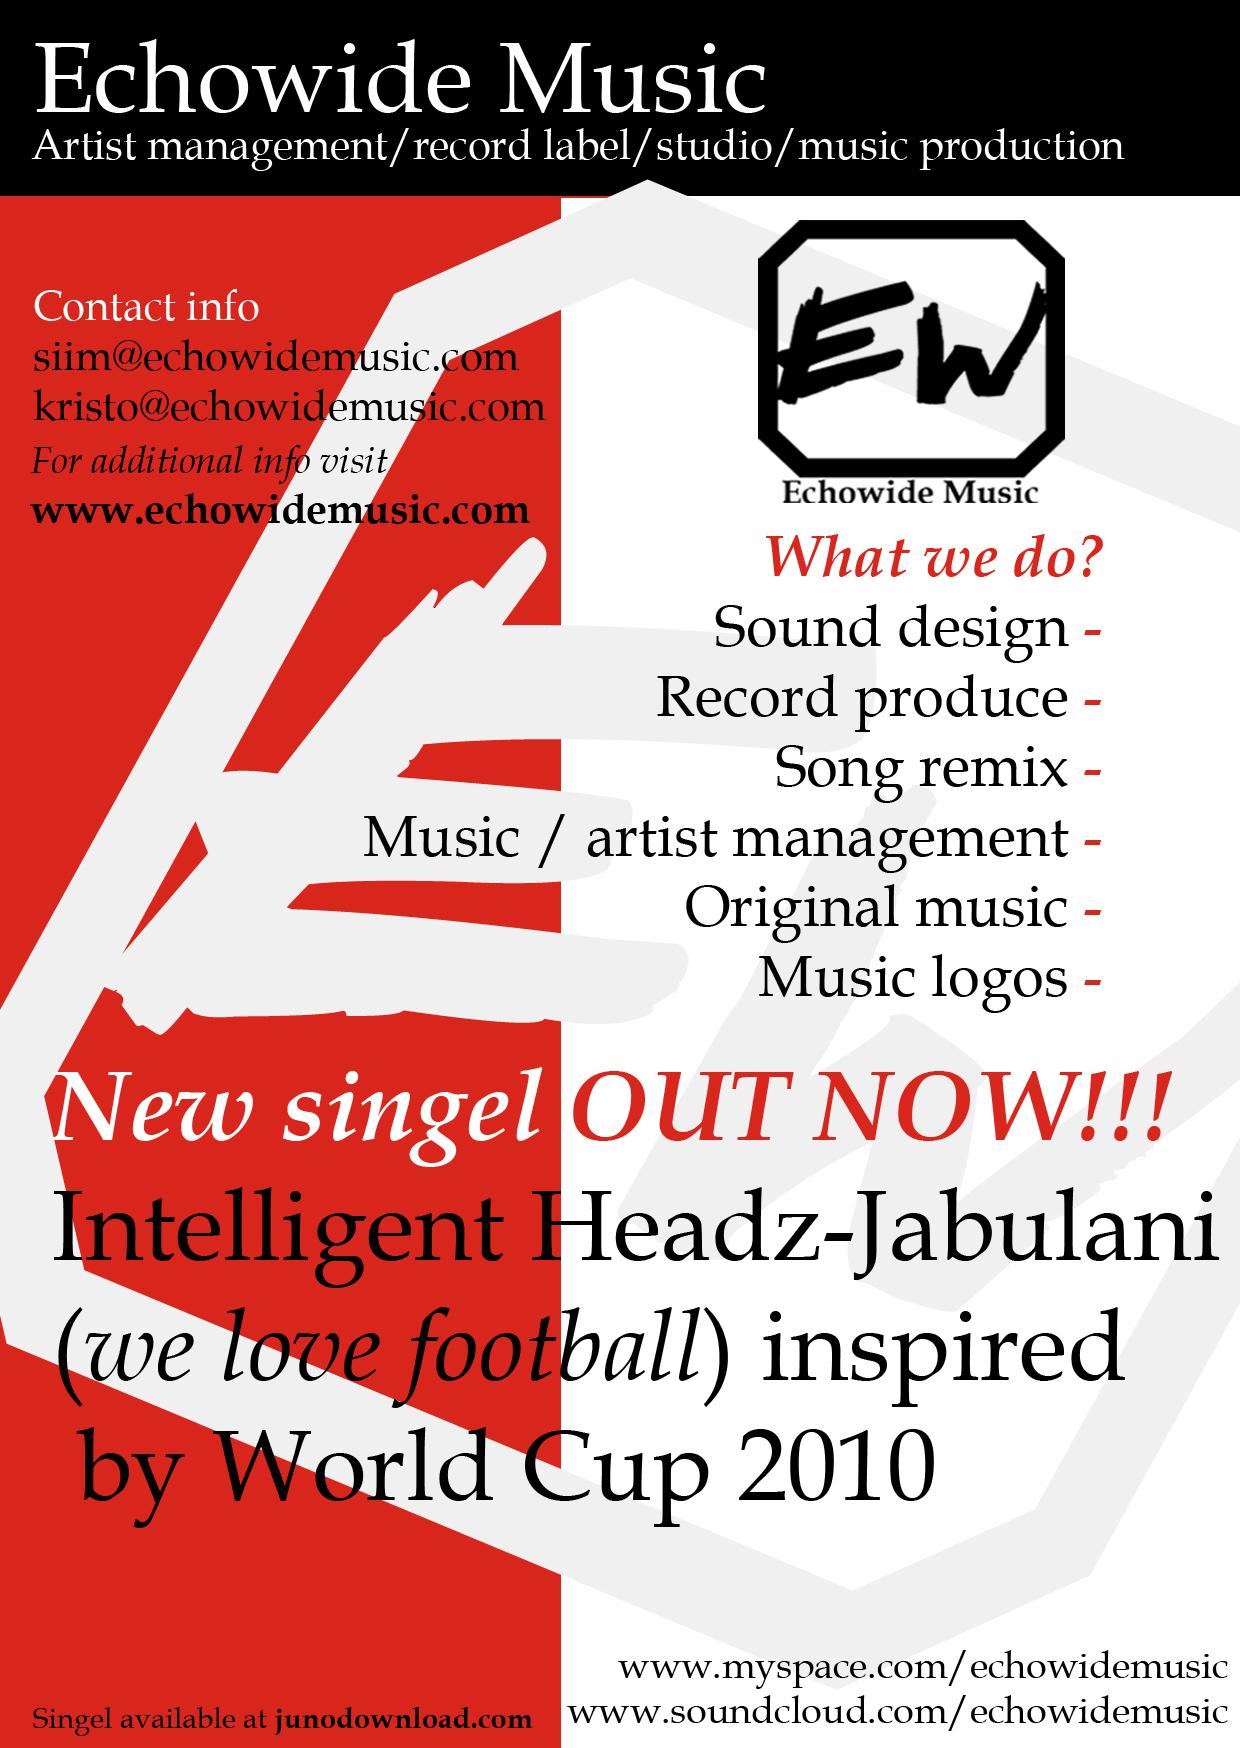 echowidemusic-magazine-booklet-jabulani